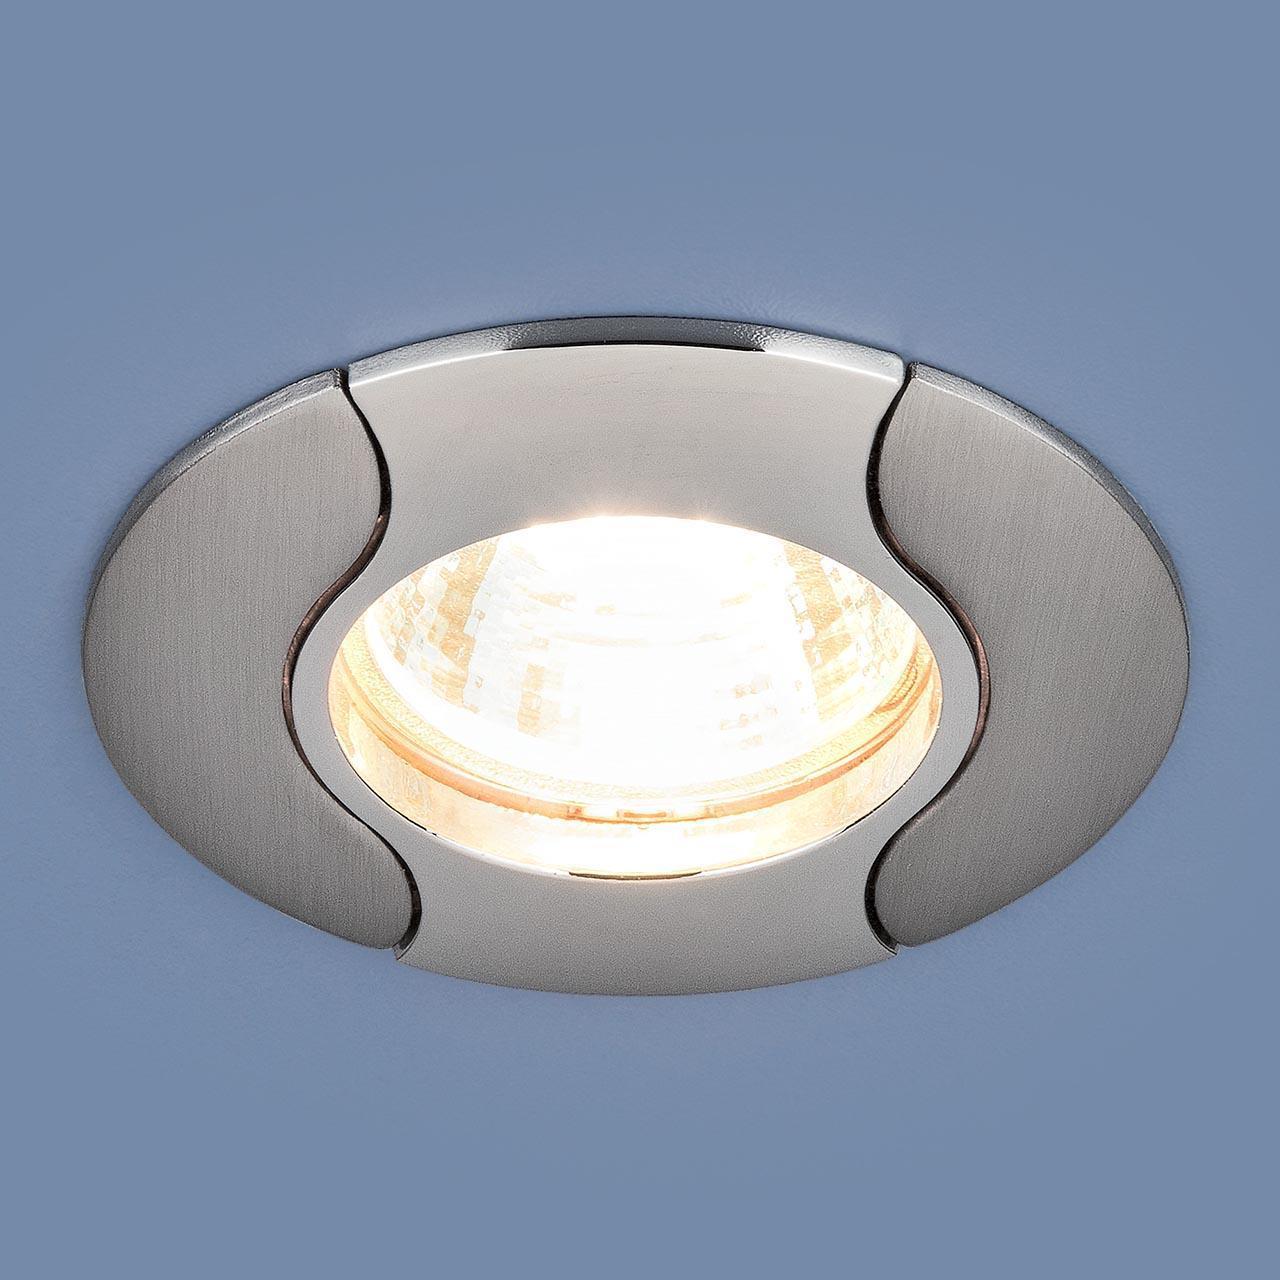 Фото - Встраиваемый светильник Elektrostandard 7006 MR16 CH/N хром/никель 4690389126512 cветильник галогенный de fran встраиваемый 1х50вт mr16 ip20 зел античное золото